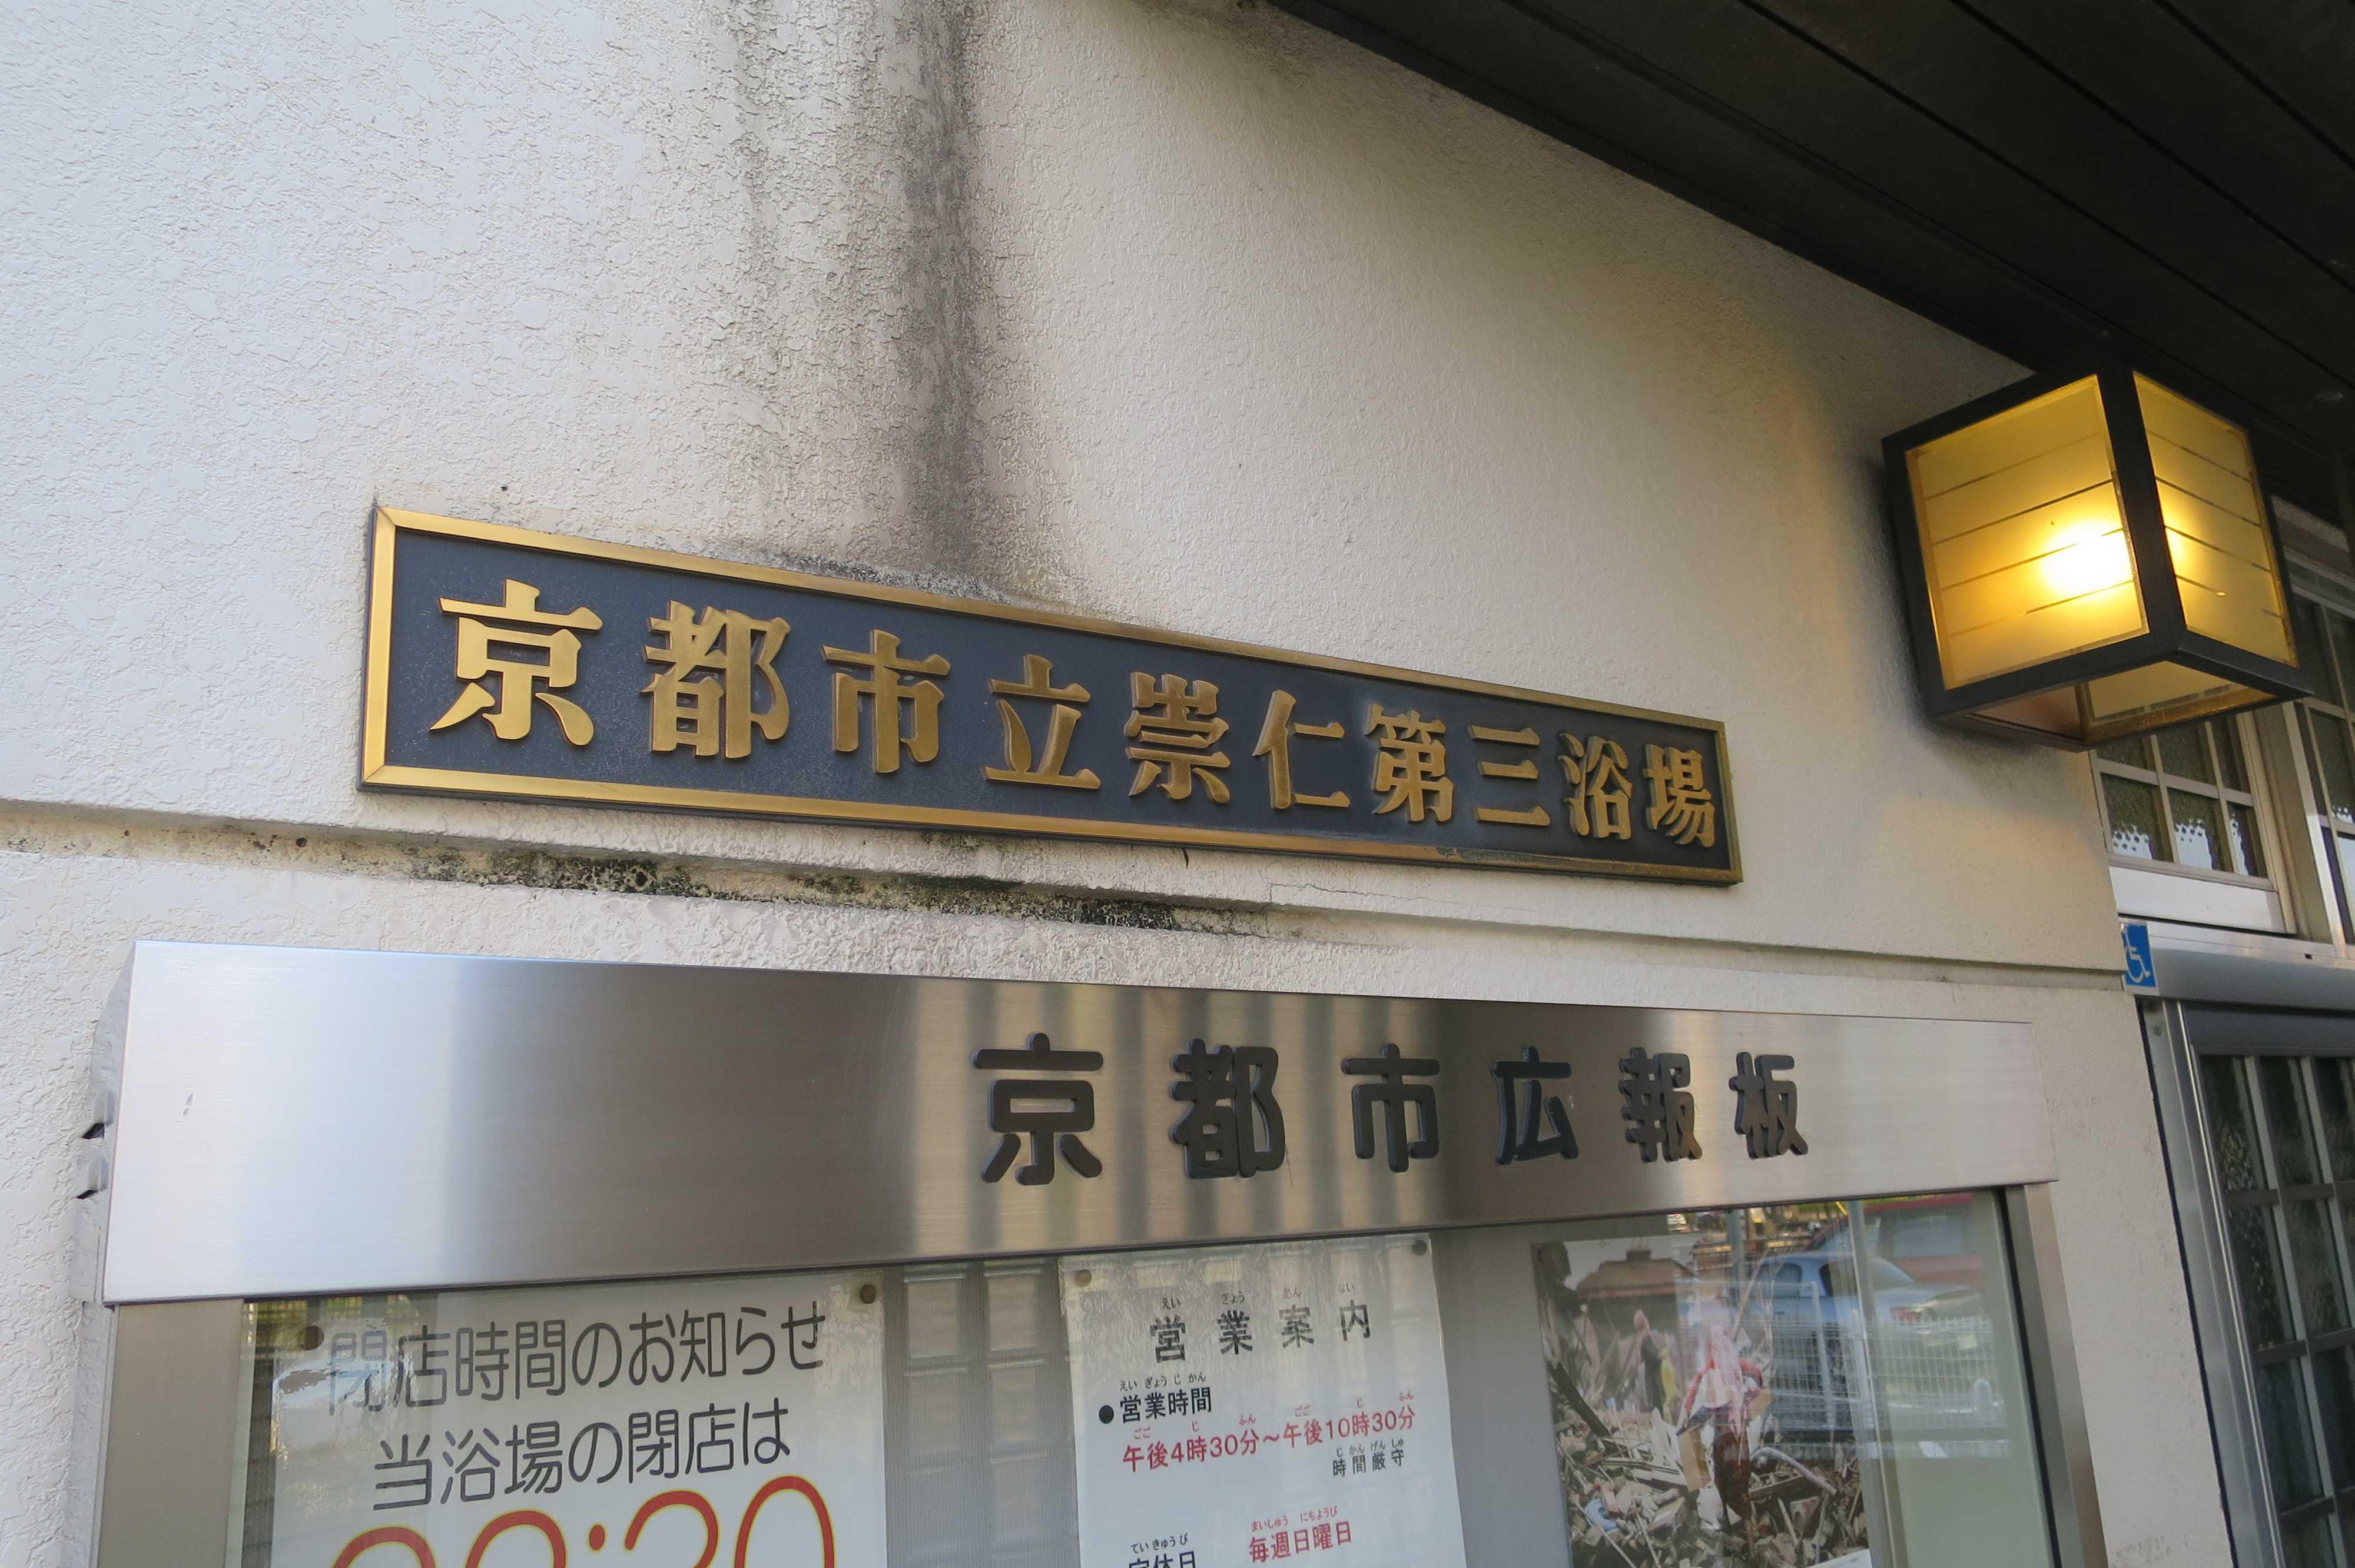 京都・崇仁地区 - 京都市立崇仁第三浴場